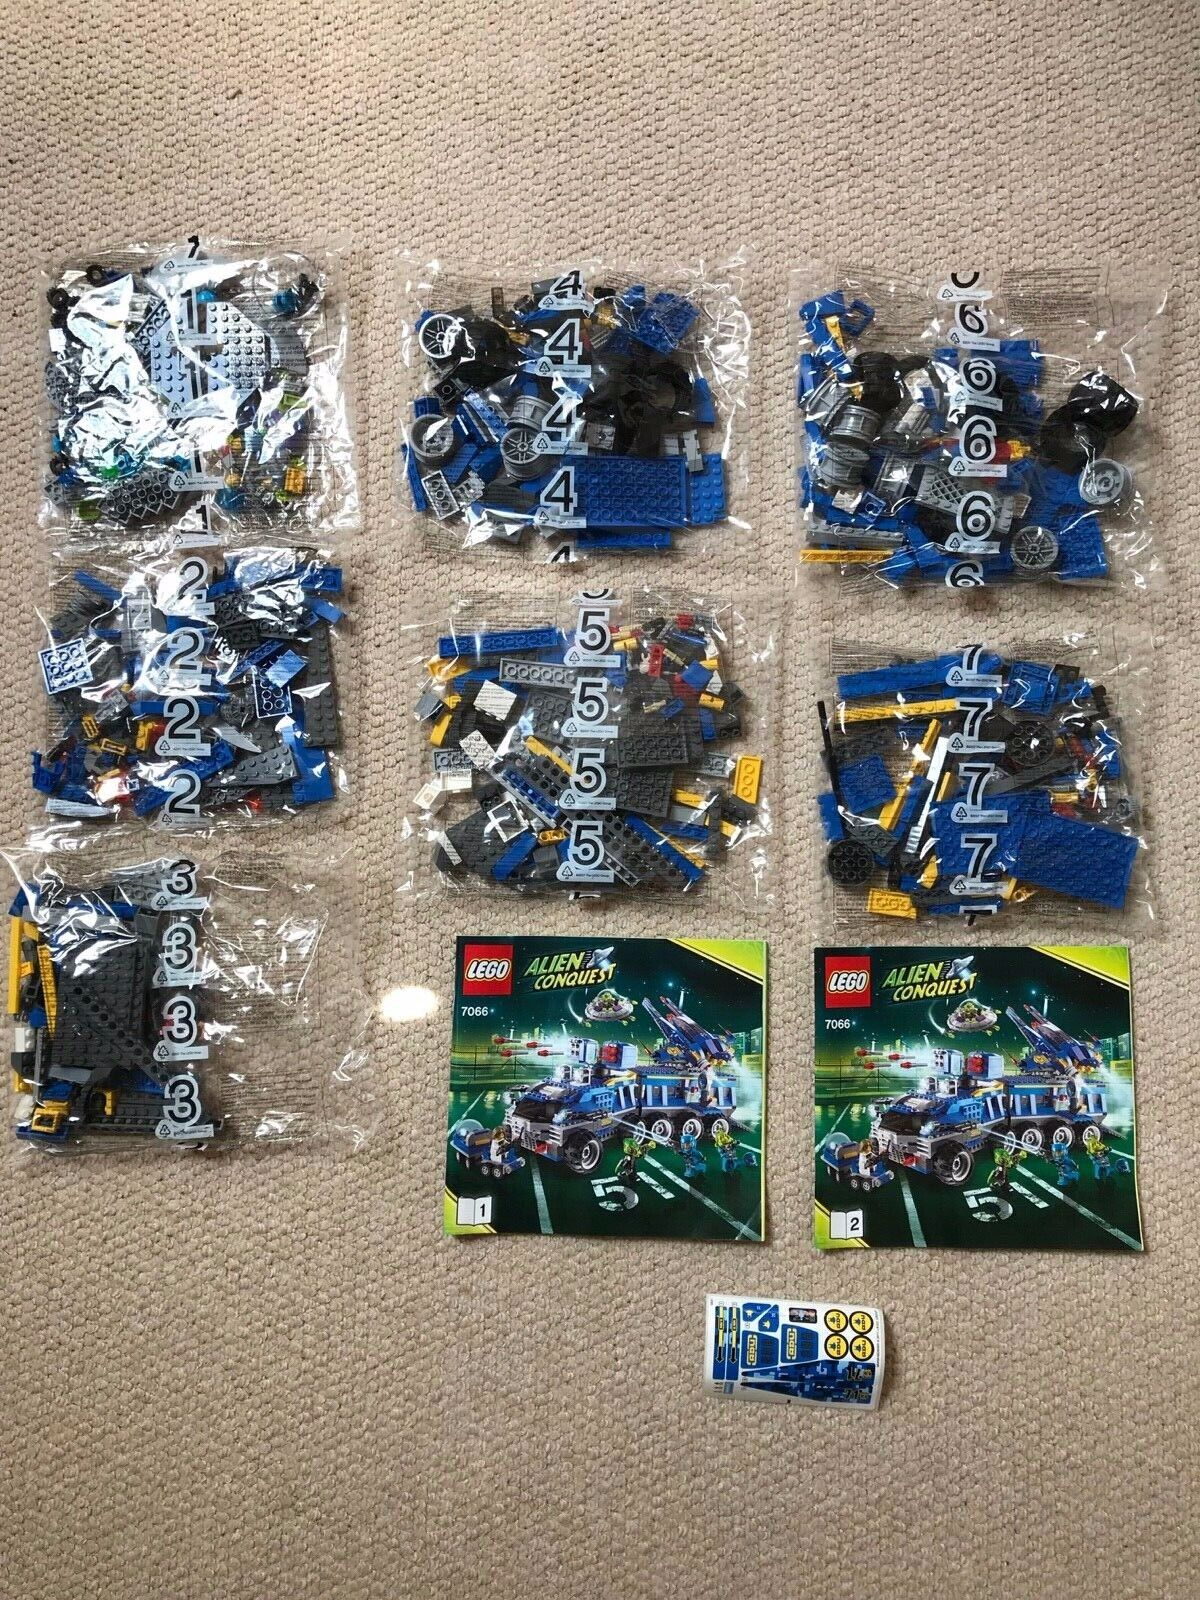 Nuevo Y Raro-Lego Alien Conquista 7066 tierra defensa HQ + Gratis P&P